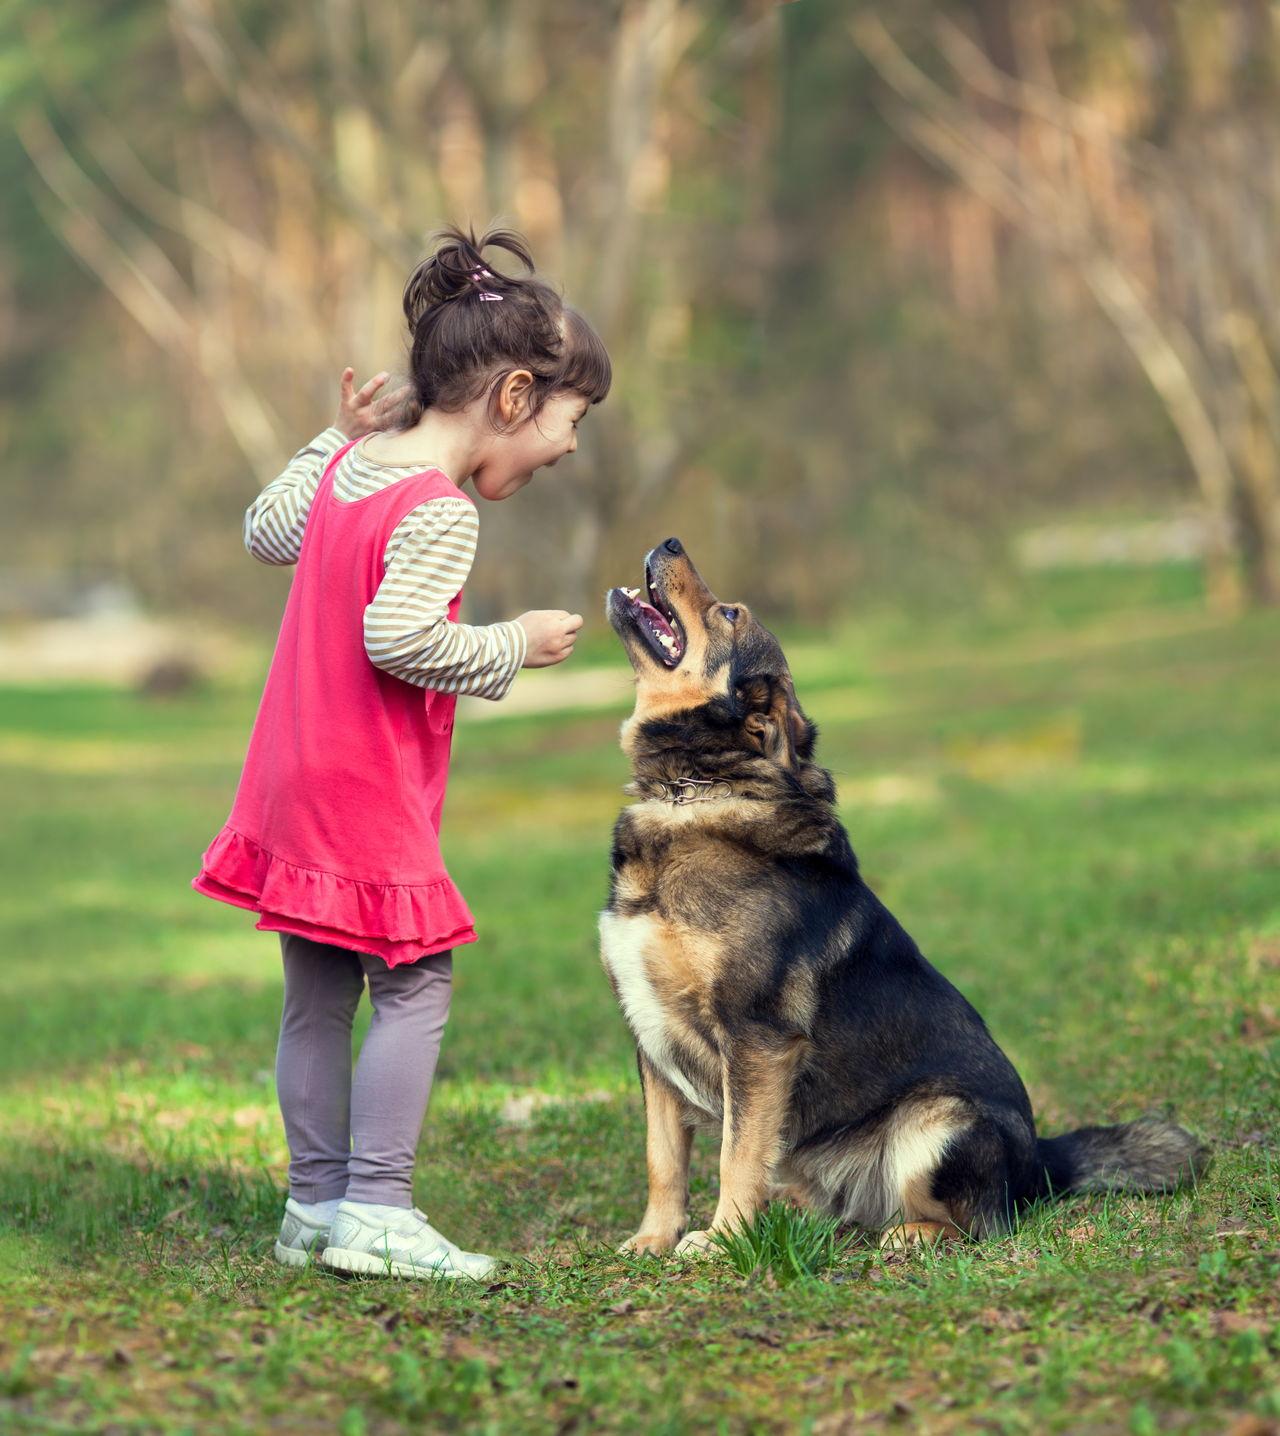 Resultado de imagen para german shepherd playing with kid